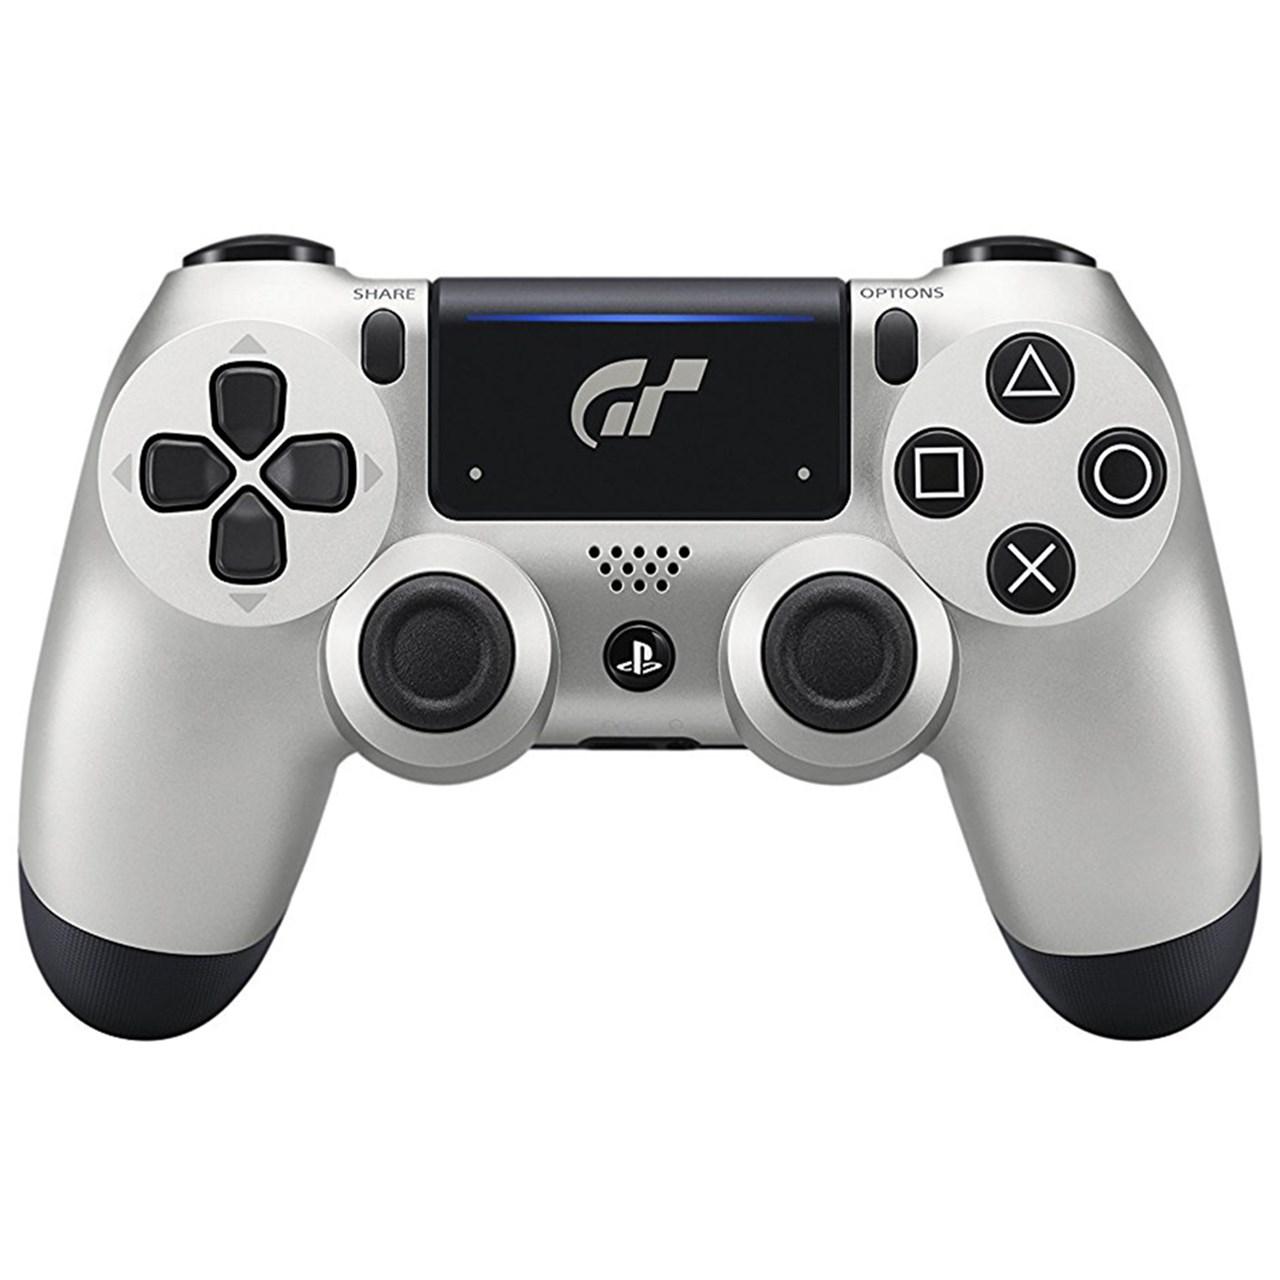 خرید اینترنتی دسته بازی سونی Dual Shock Gran Turismo Limited Edition اورجینال